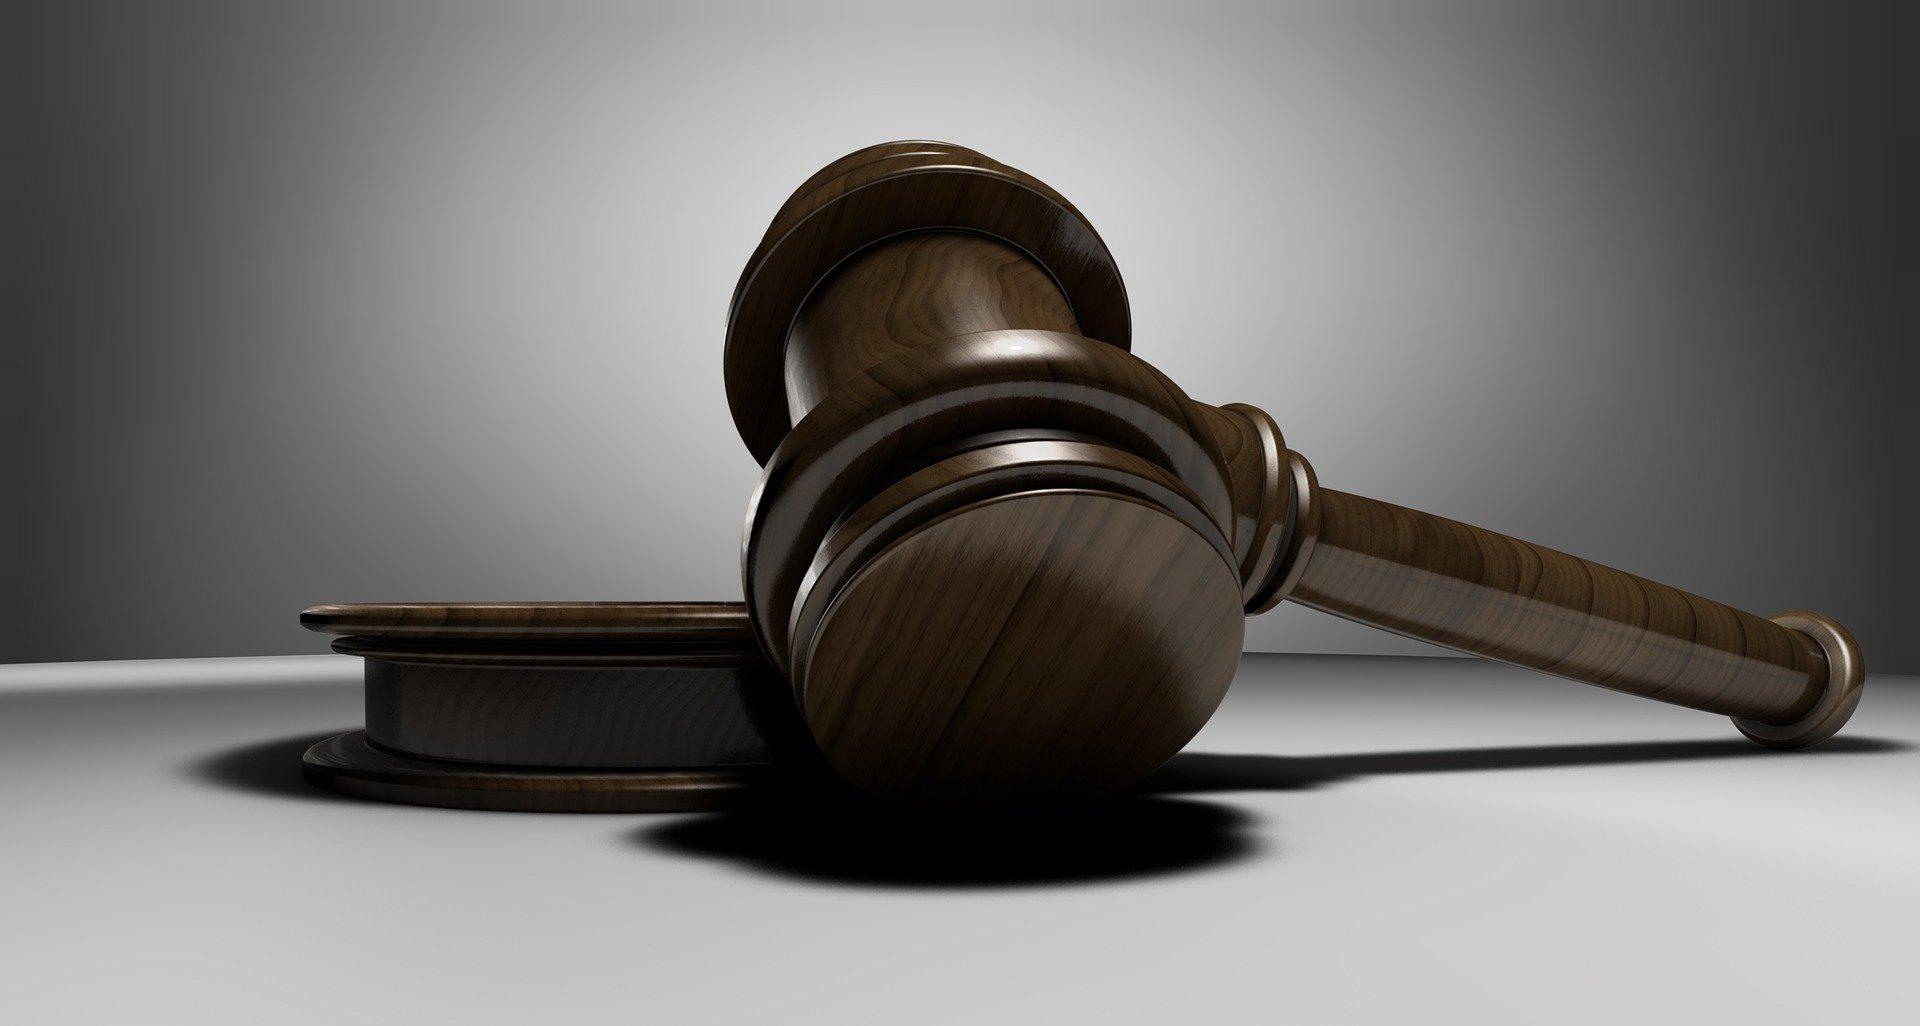 L'assurance de protection juridique, ce qu'il faut savoir (2)